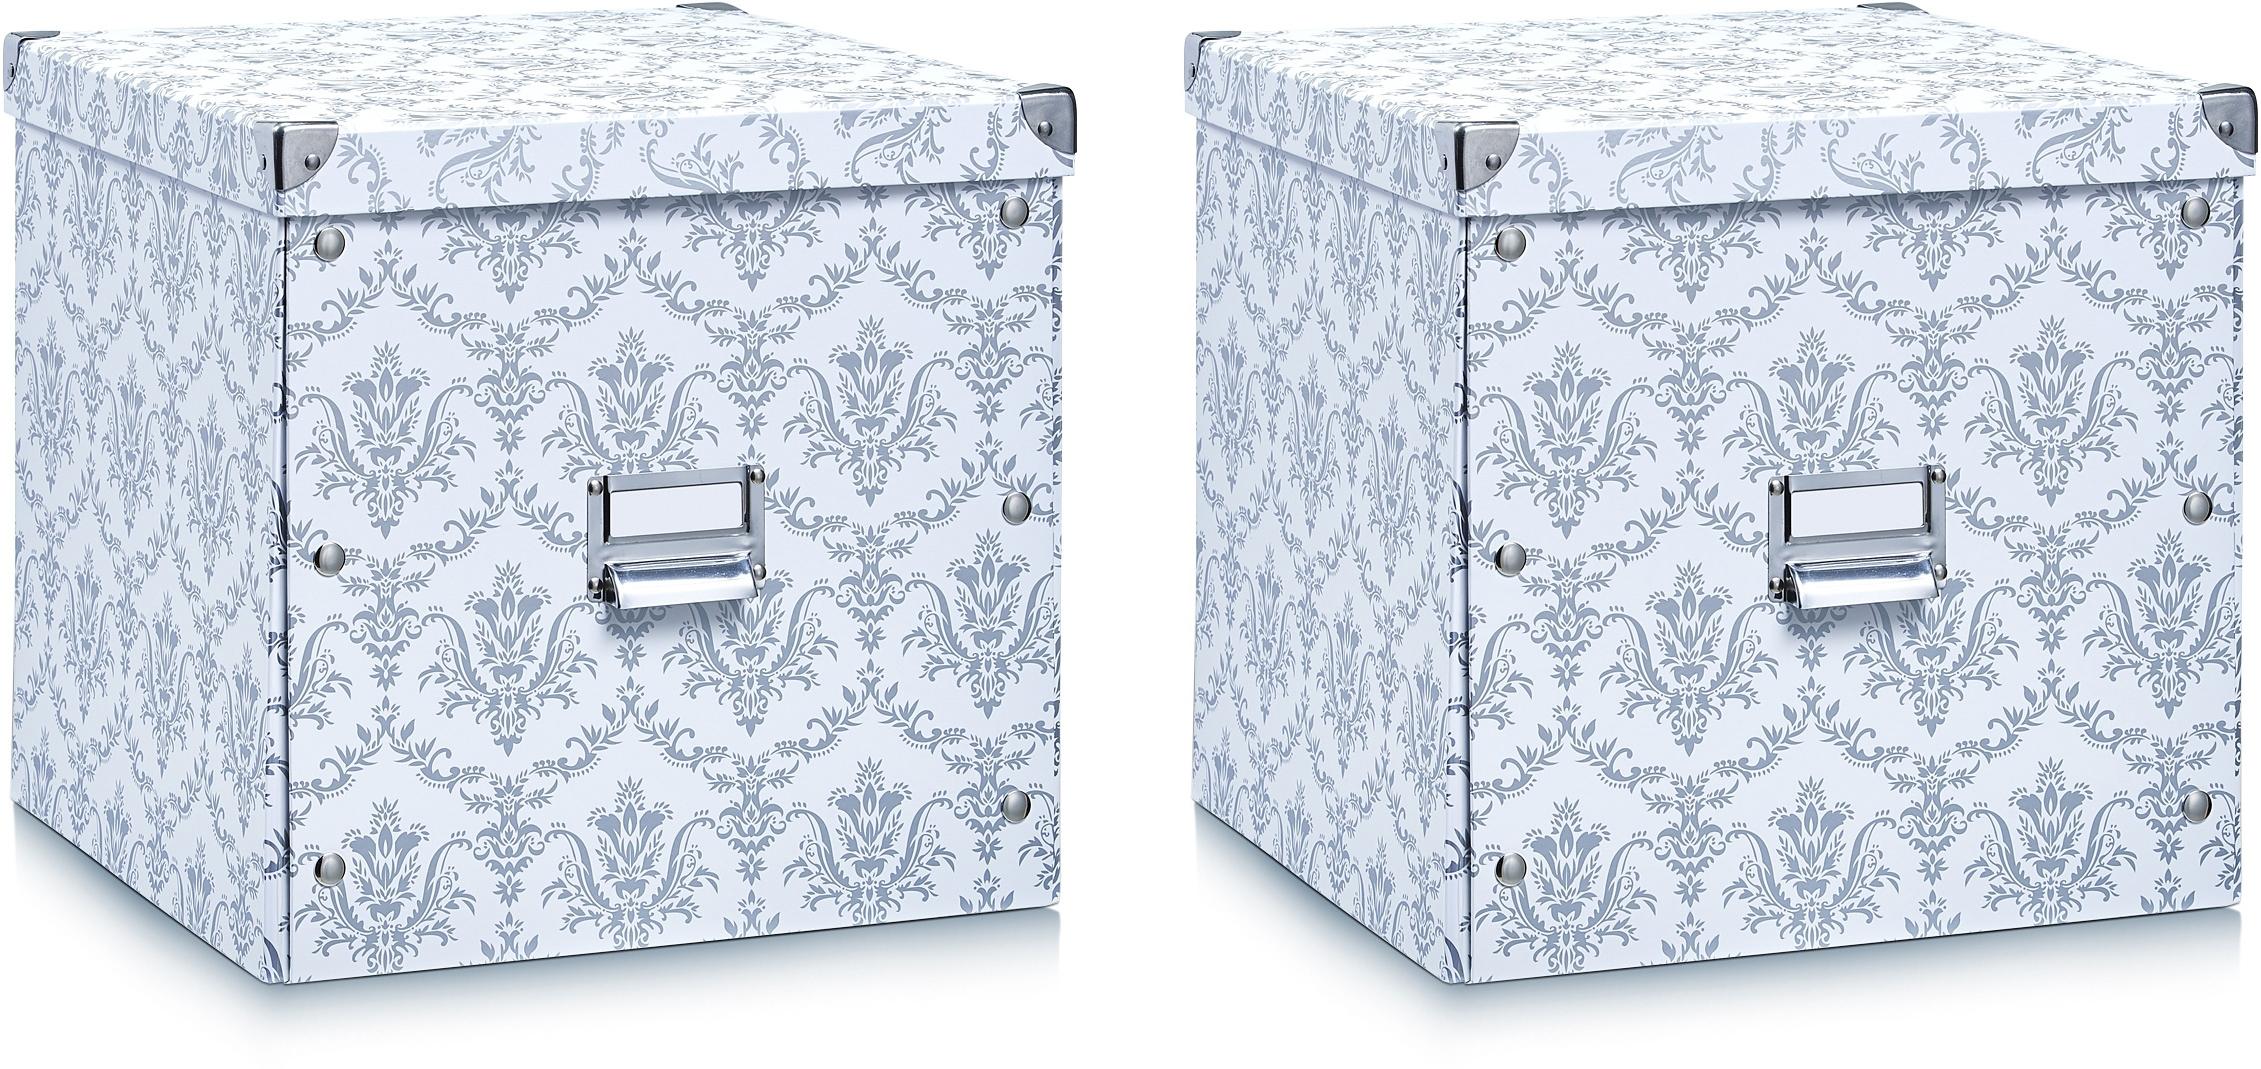 Zeller Present opbergbox (set van 2) - verschillende betaalmethodes